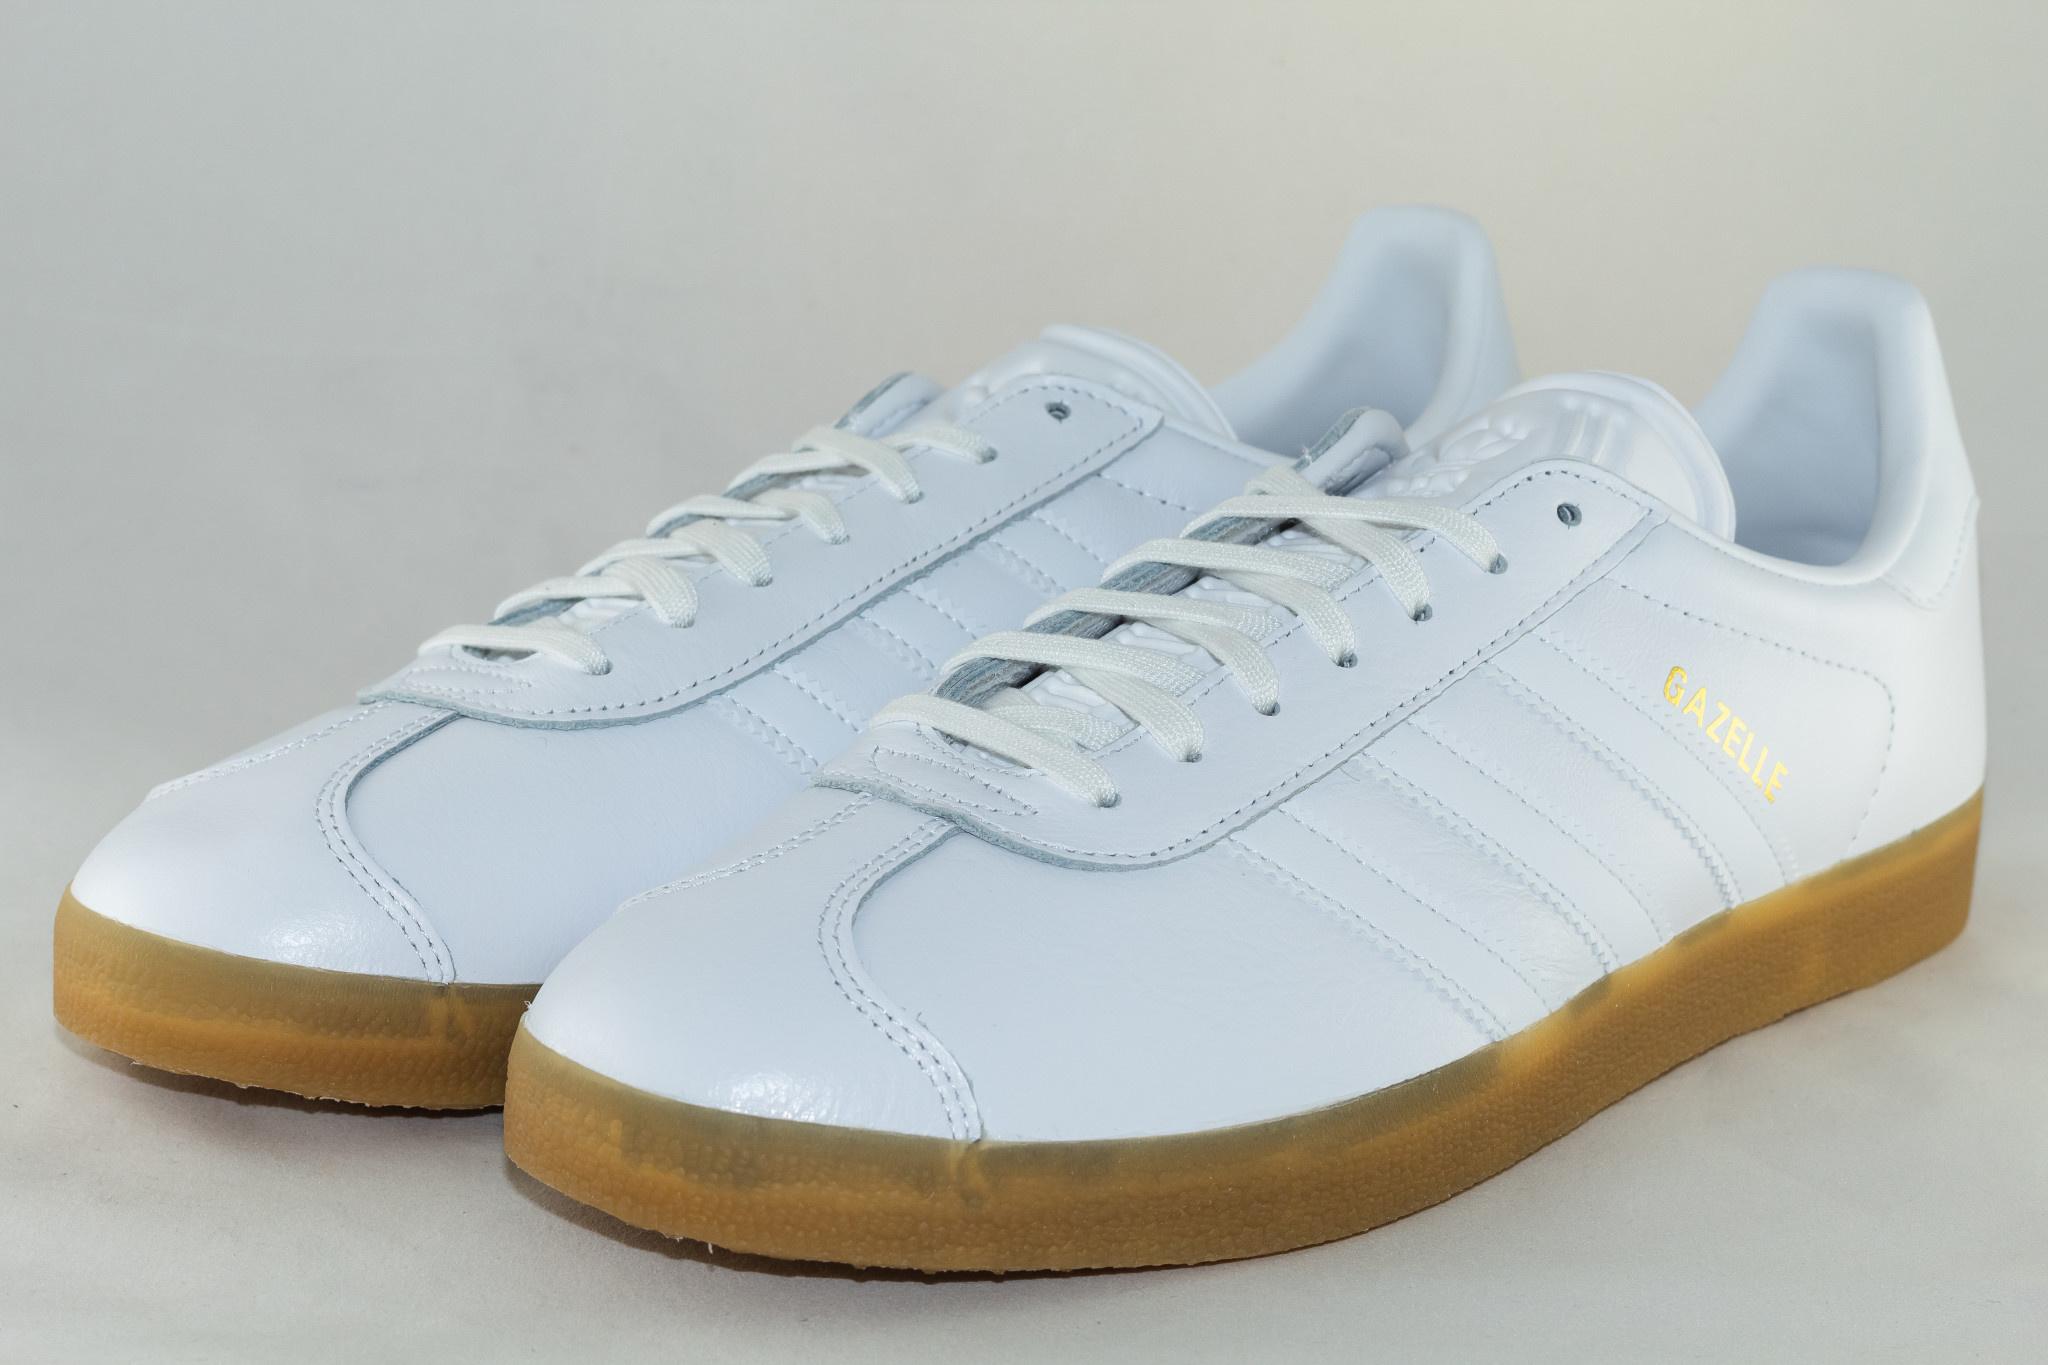 Adidas GAZELLE Ftwwht/ Ftwwht/ Gum4